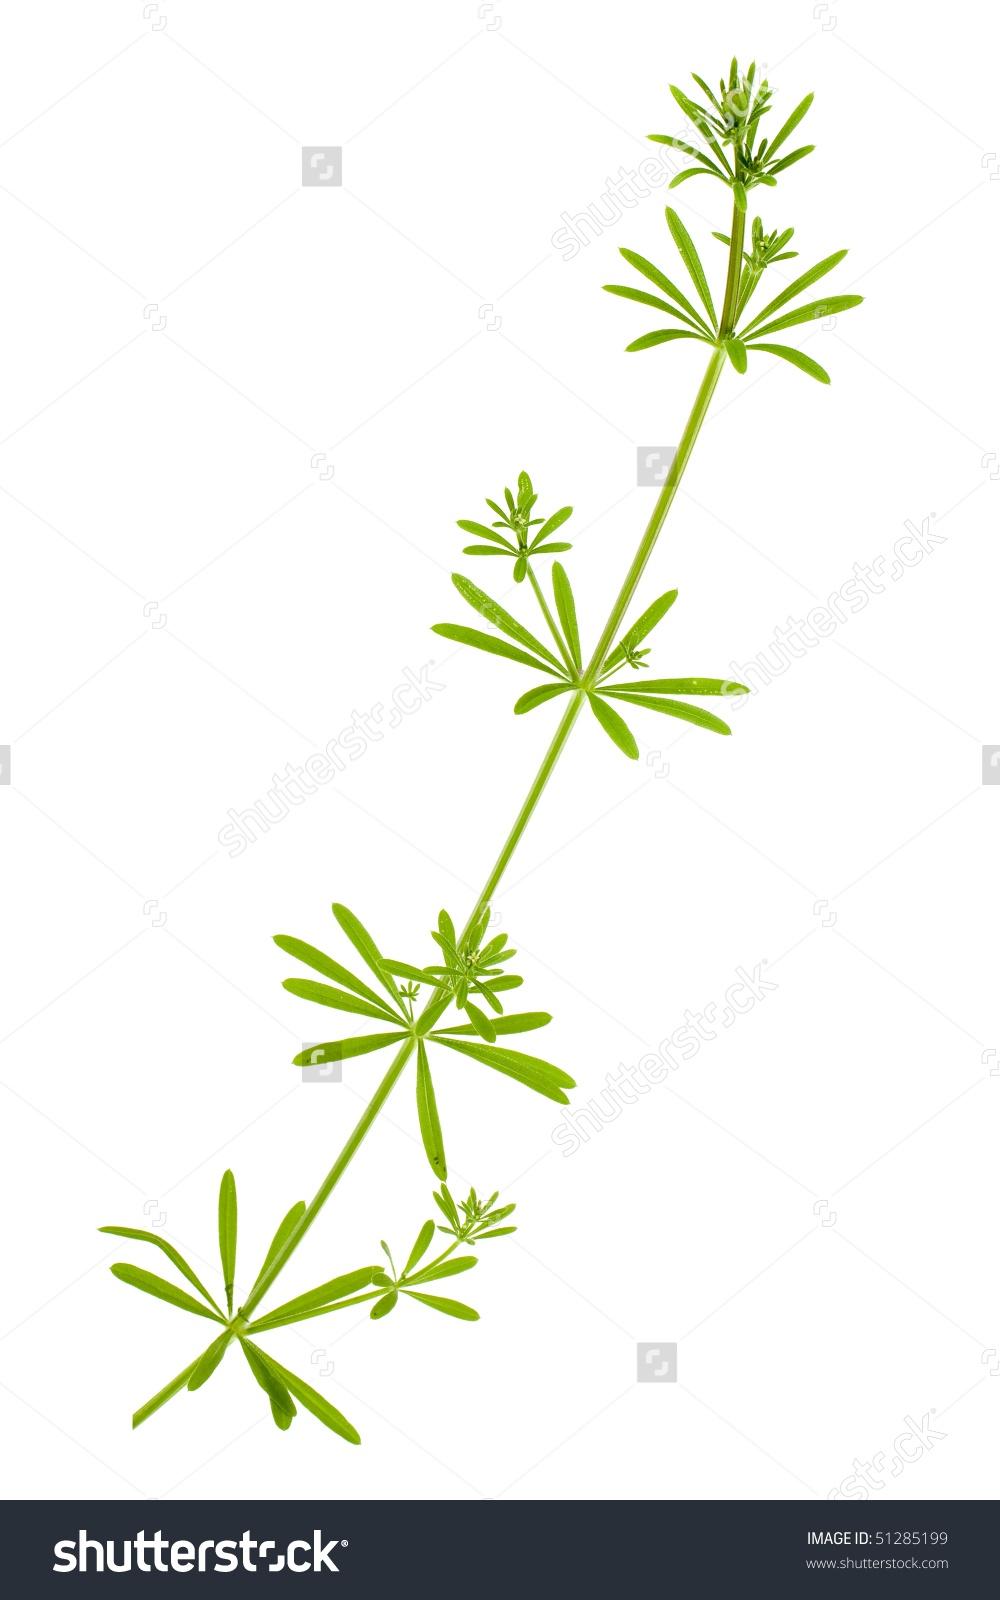 Madder Plant Rubia Tinctorum Isolated On Stock Photo 51285199.